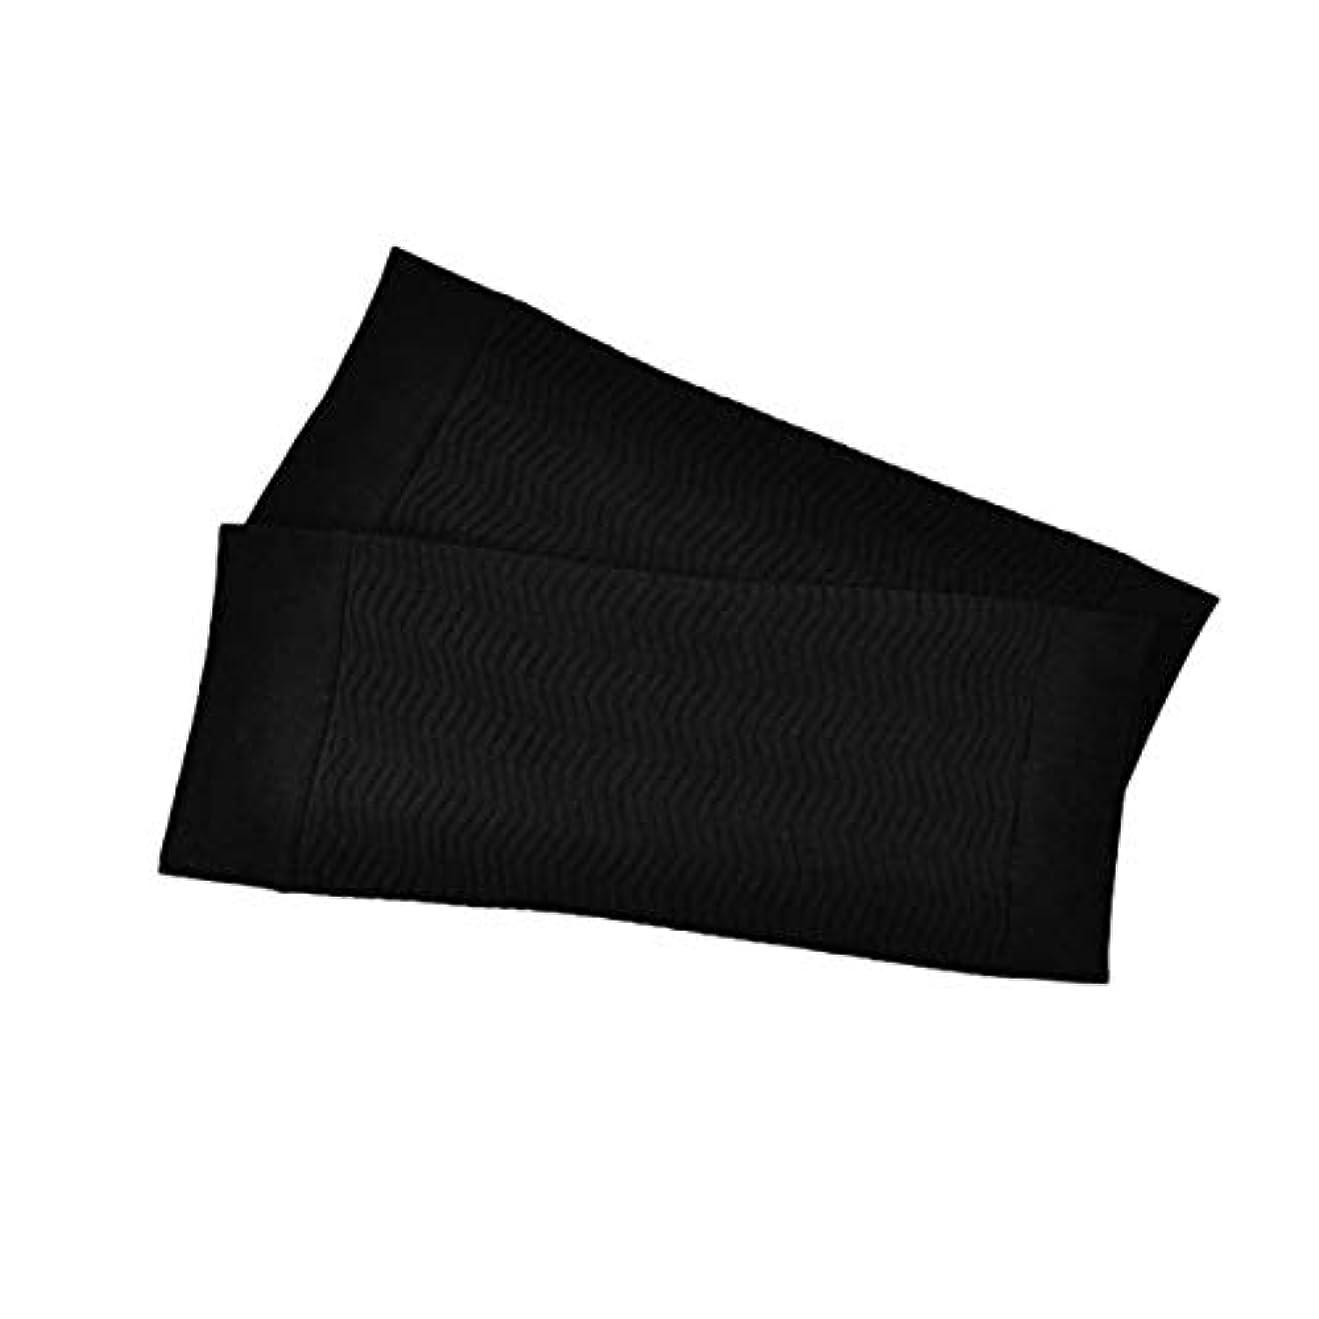 アマチュア防腐剤サーキュレーション1ペア680Dコンプレッションアームシェイパーワークアウトトーニングバーンセルライトスリミングアームスリーブファットバーニングショートスリーブ女性用-ブラック